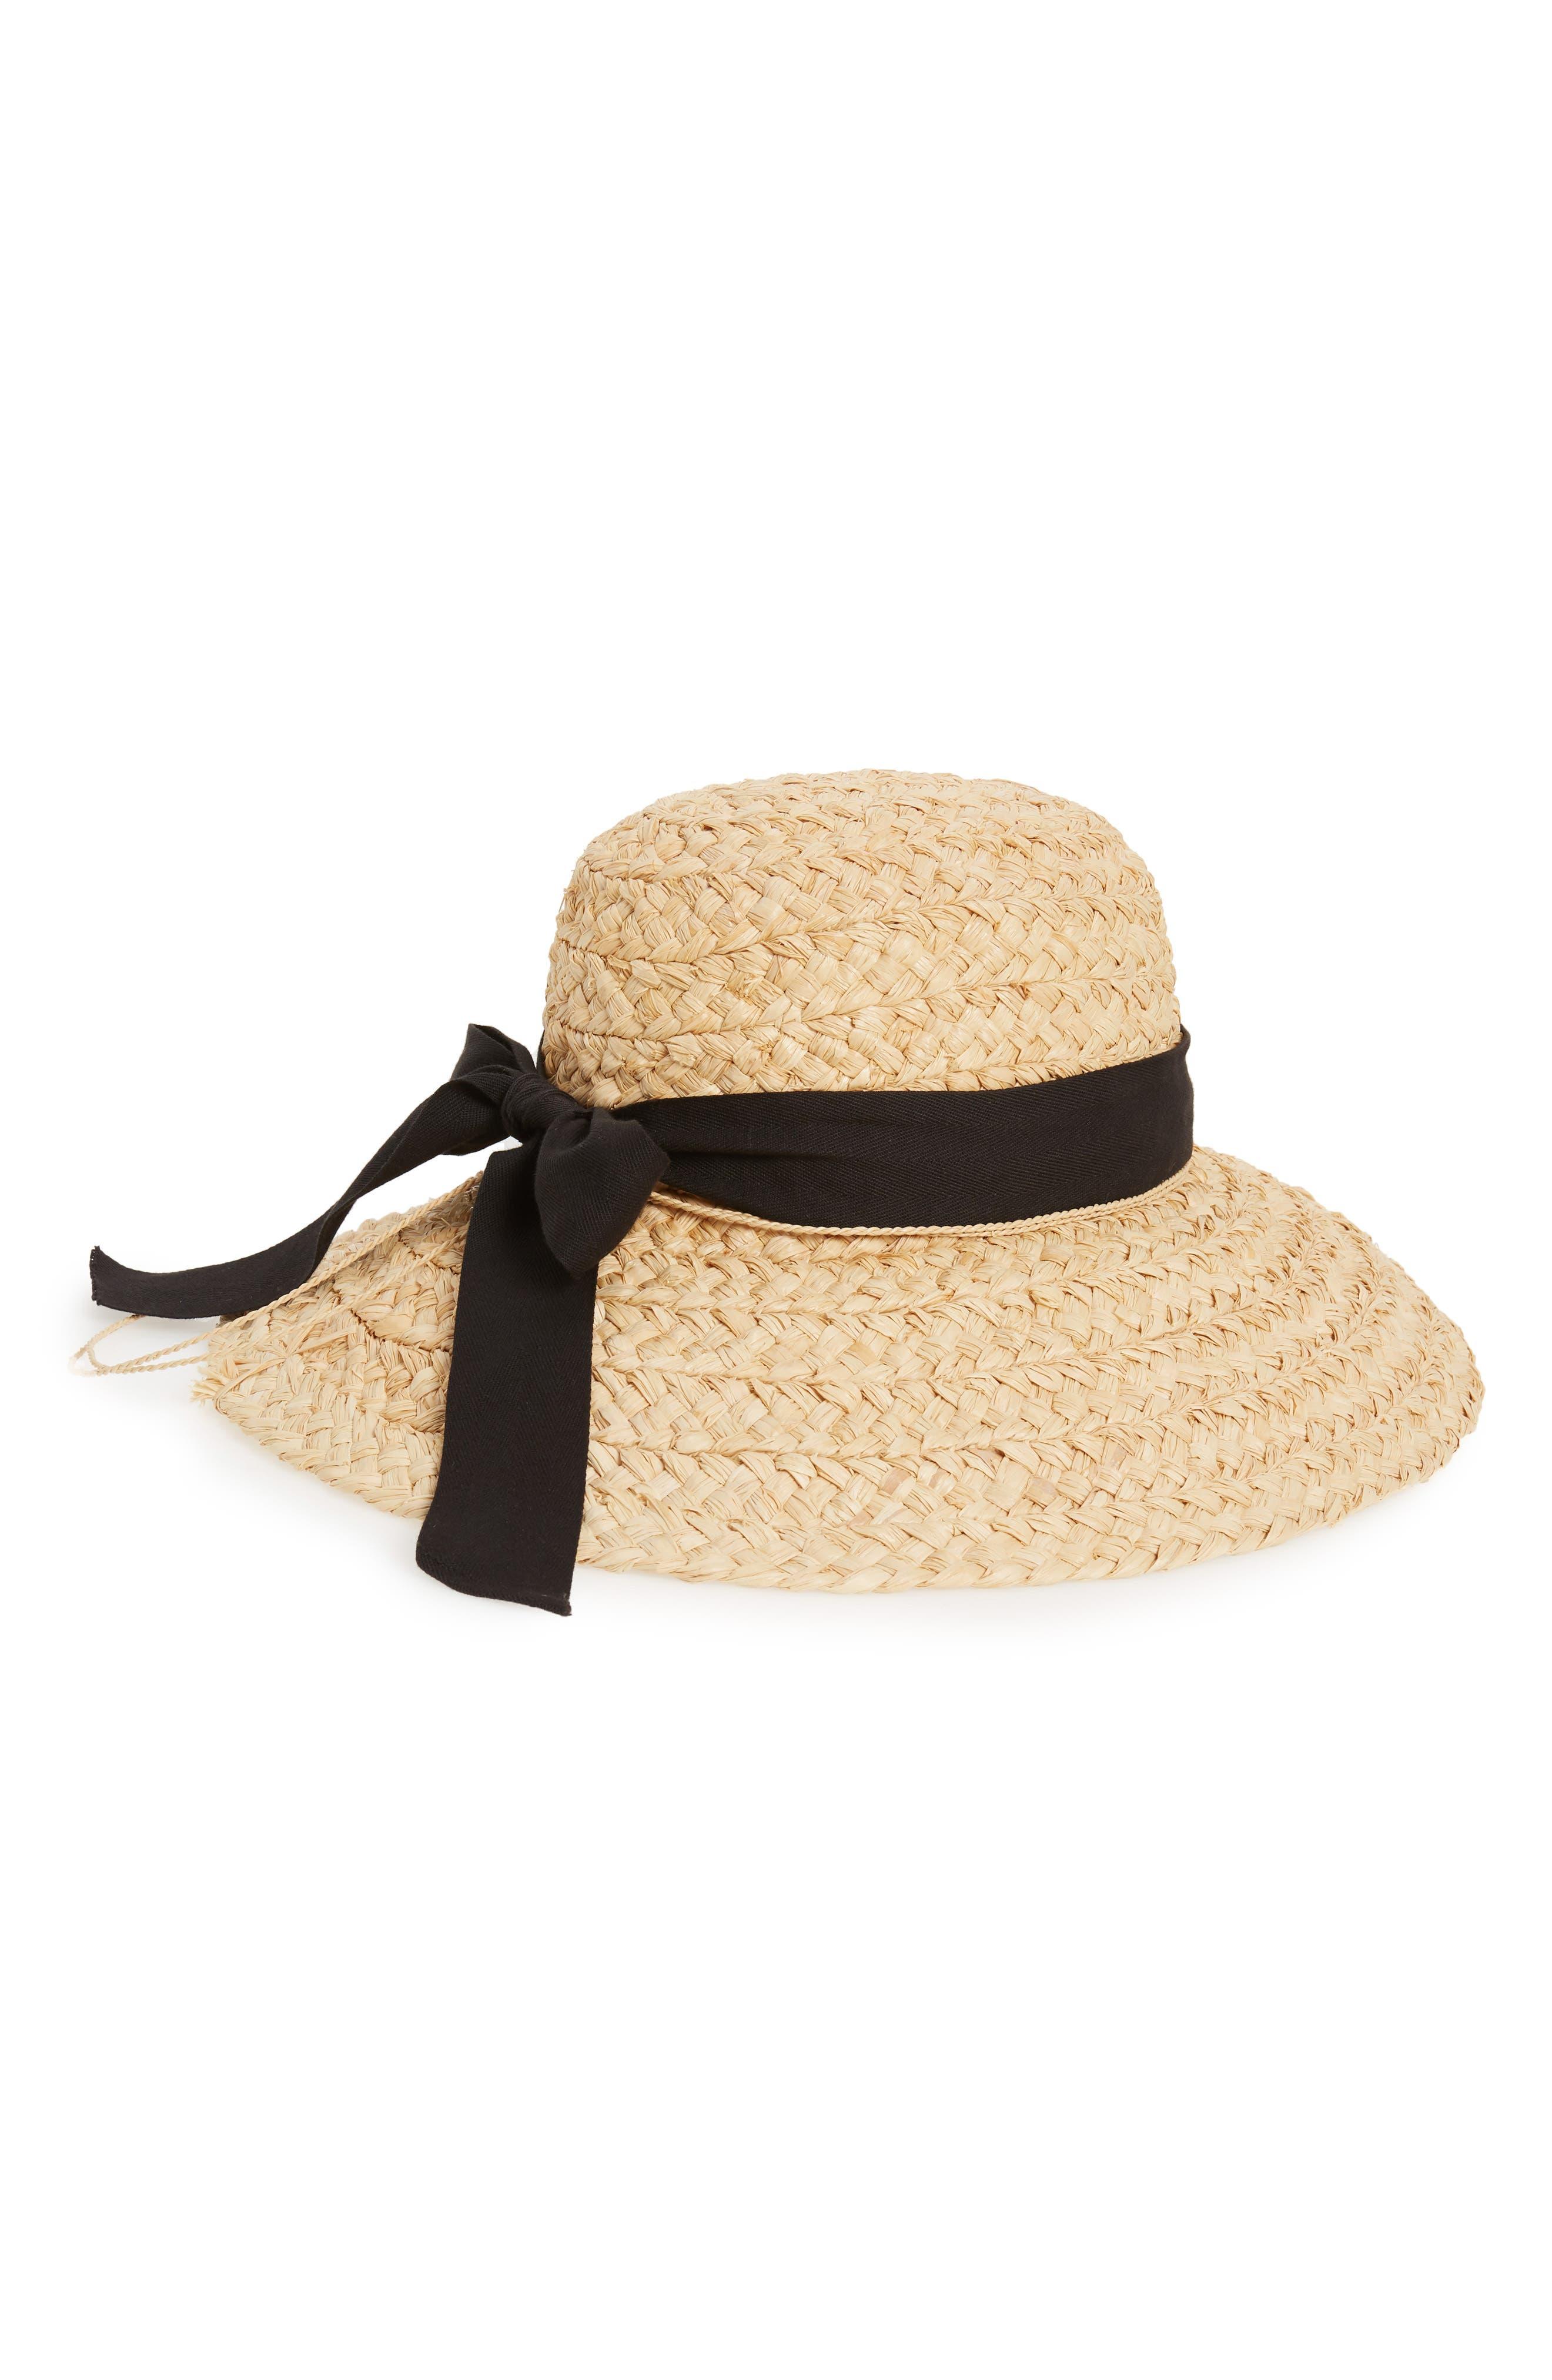 Helen Kaminiski Classic Wide Braid Raffia Hat - Black